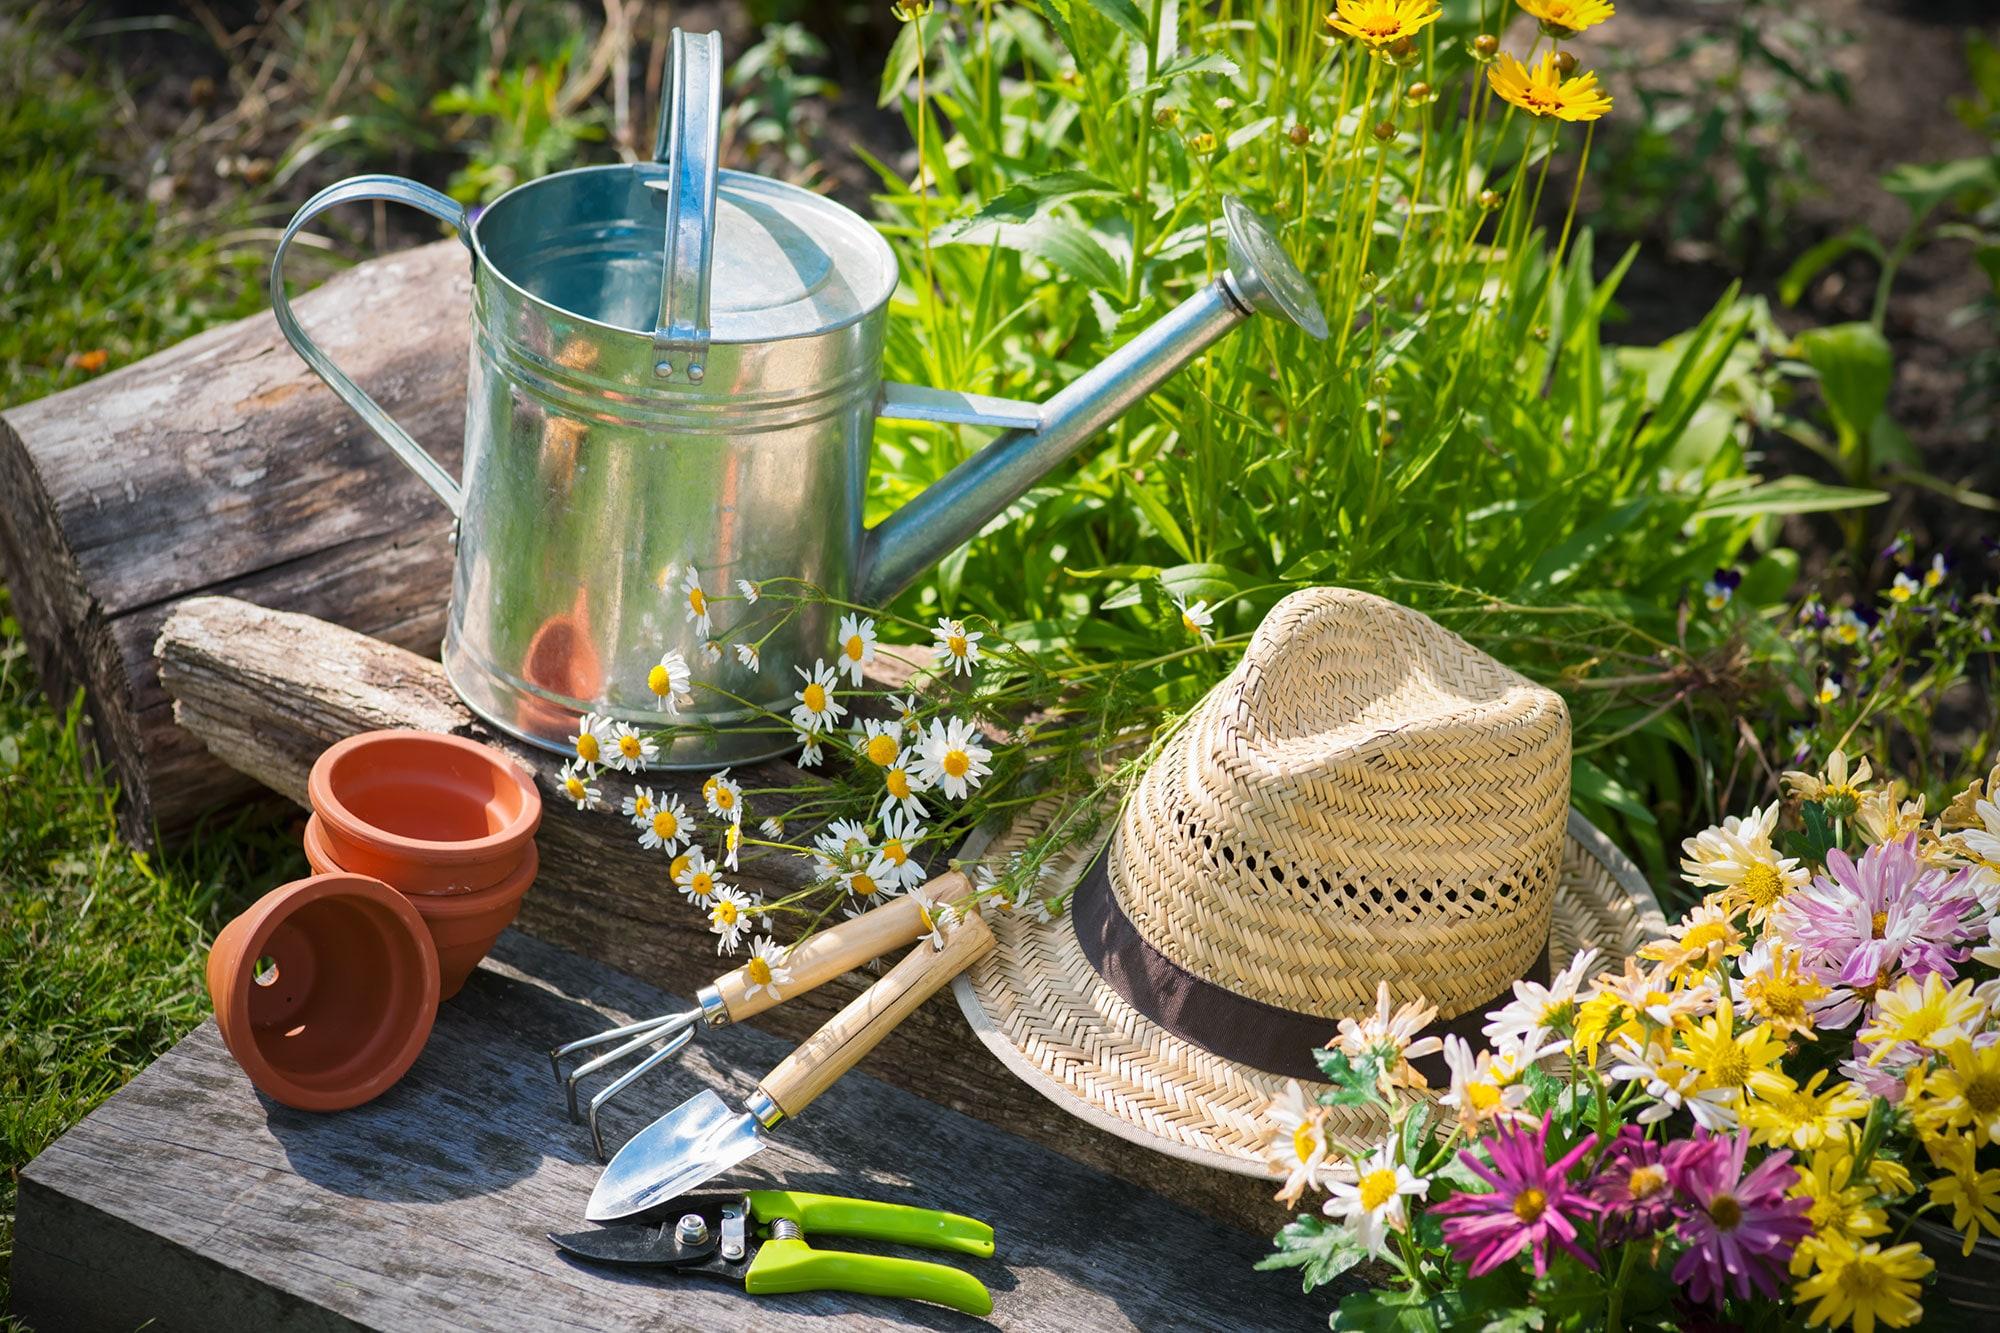 gaion agricoltura vendita di prodotti per l 39 agricoltura e il giardinaggio. Black Bedroom Furniture Sets. Home Design Ideas